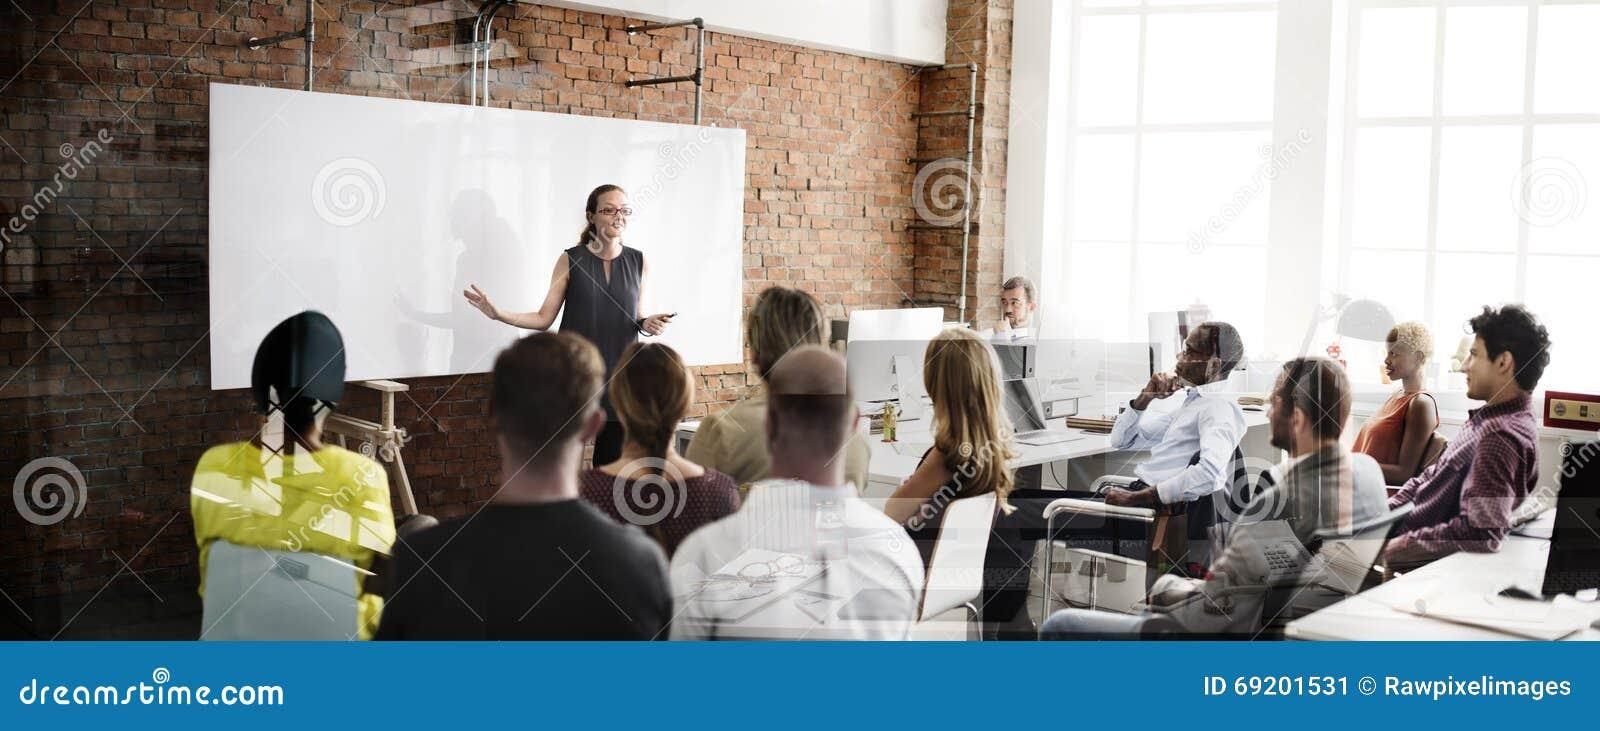 Concept de réunion de séminaire de stratégie commerciale de formation